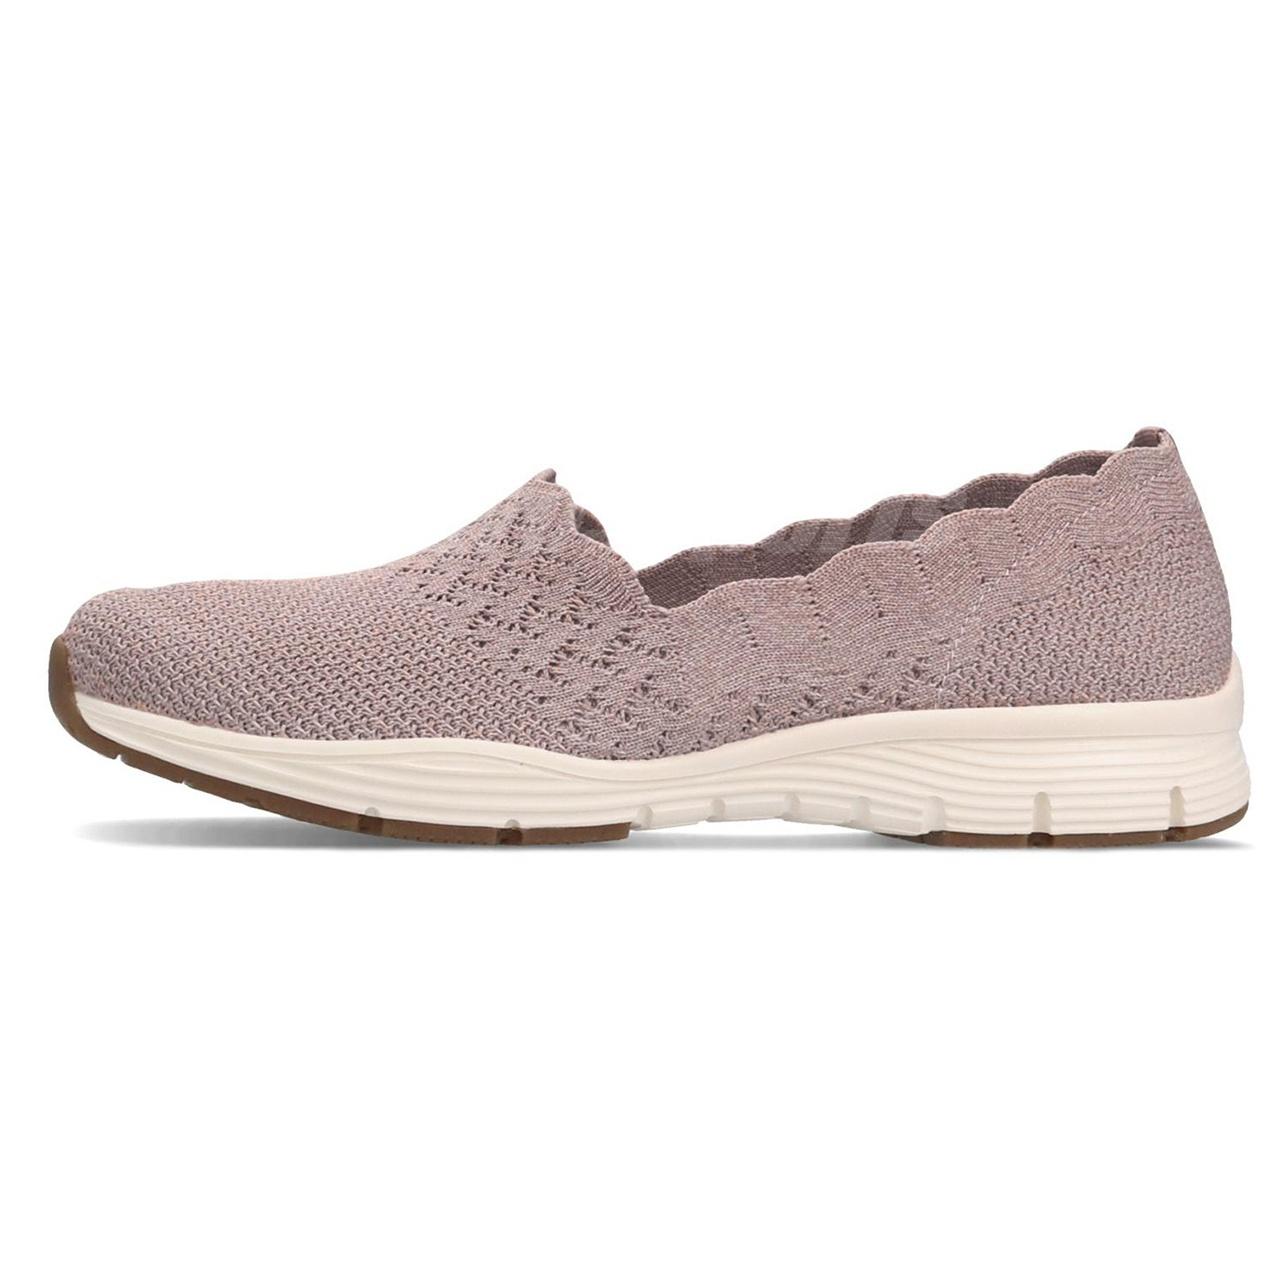 کفش راحتی زنانه اسکچرز کد MIRACLE49481ROS